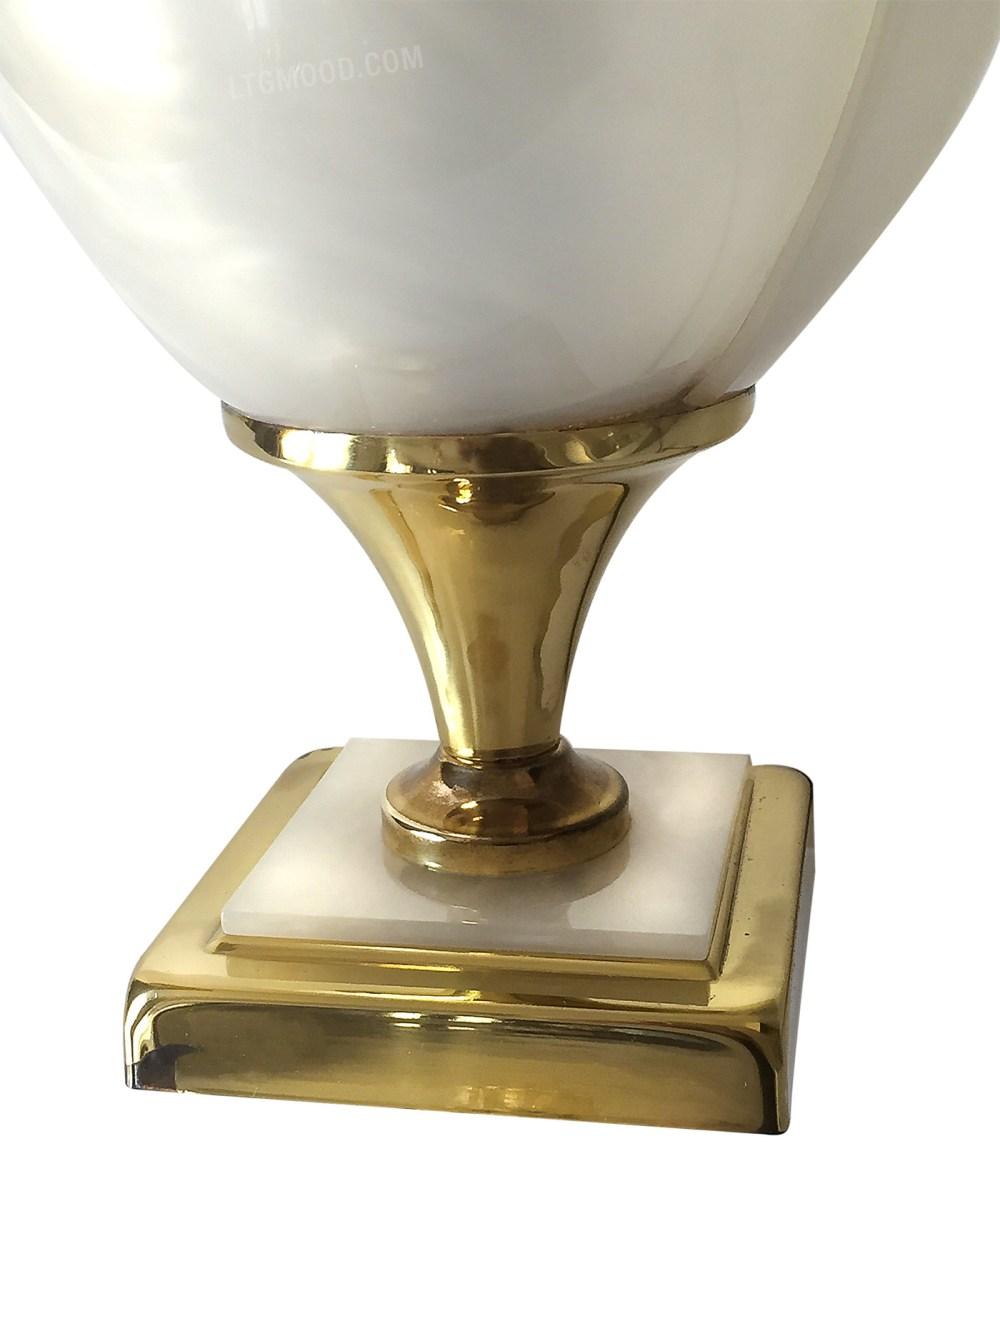 Lampe de table nacre par Laurent Rougier 1970 sur le site ltgmood.com galerie de luminaires vintage paris